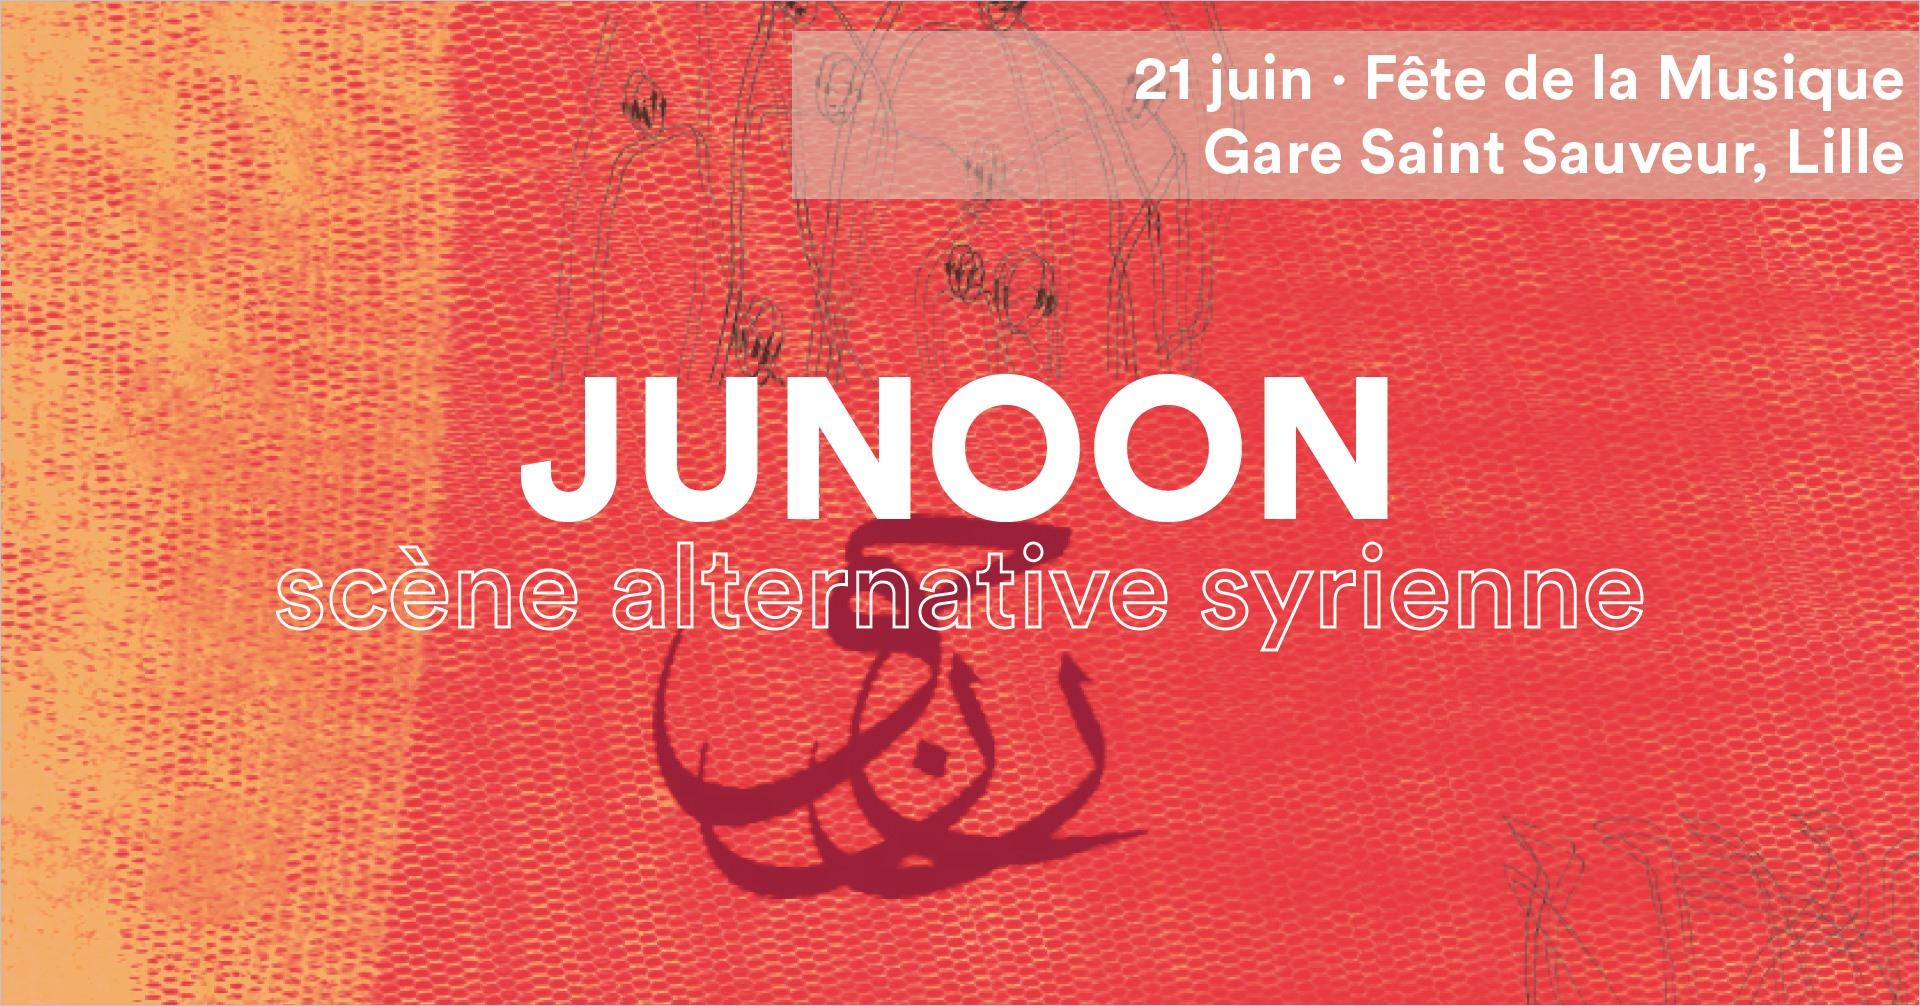 Fête la Musique au Bistrot St So avec Junoon, scène alternative syrienne